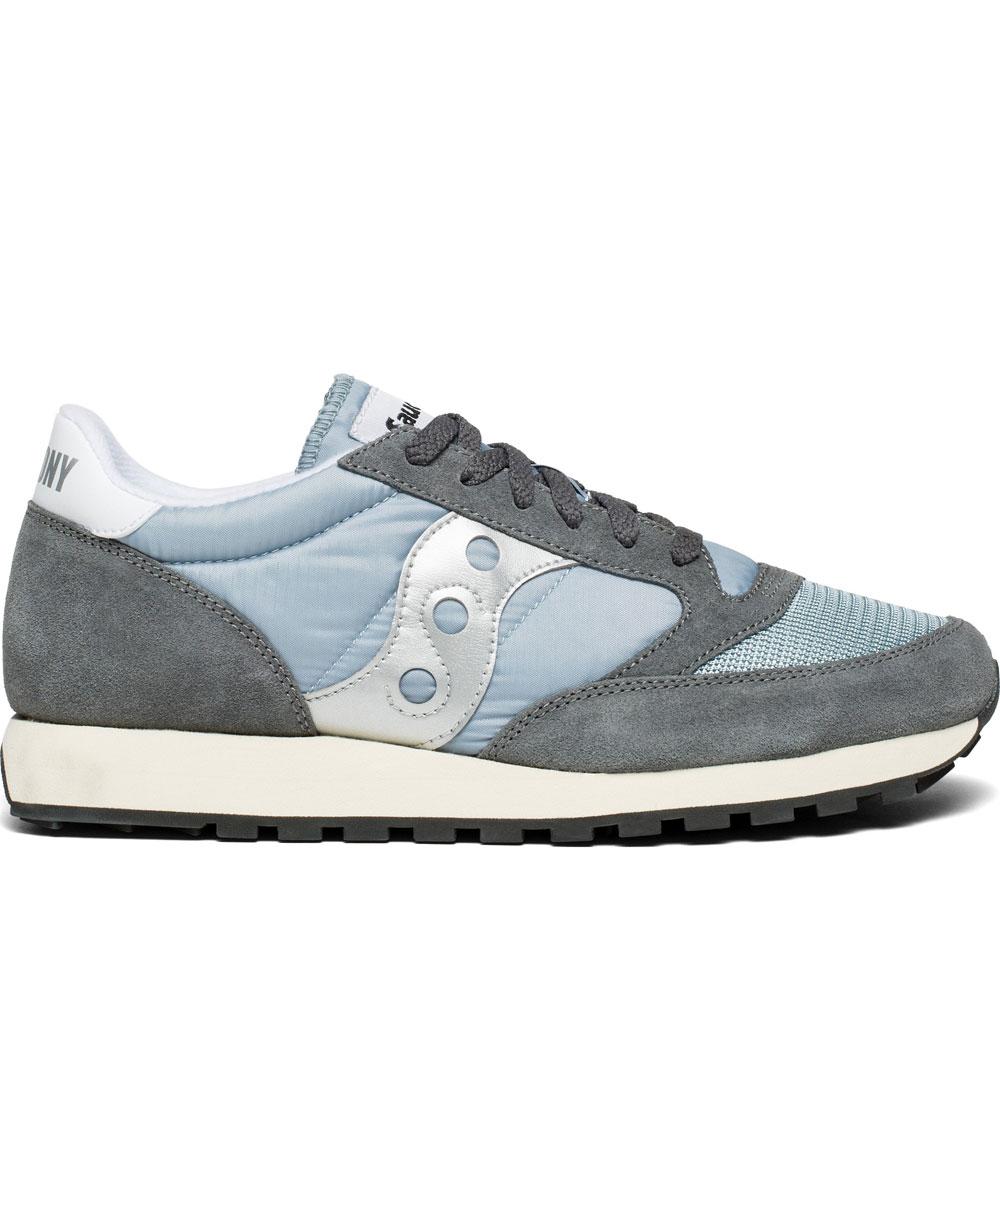 2c1e0990 Saucony Jazz Original Vintage Zapatos Sneakers para Hombre Grey/Blu...